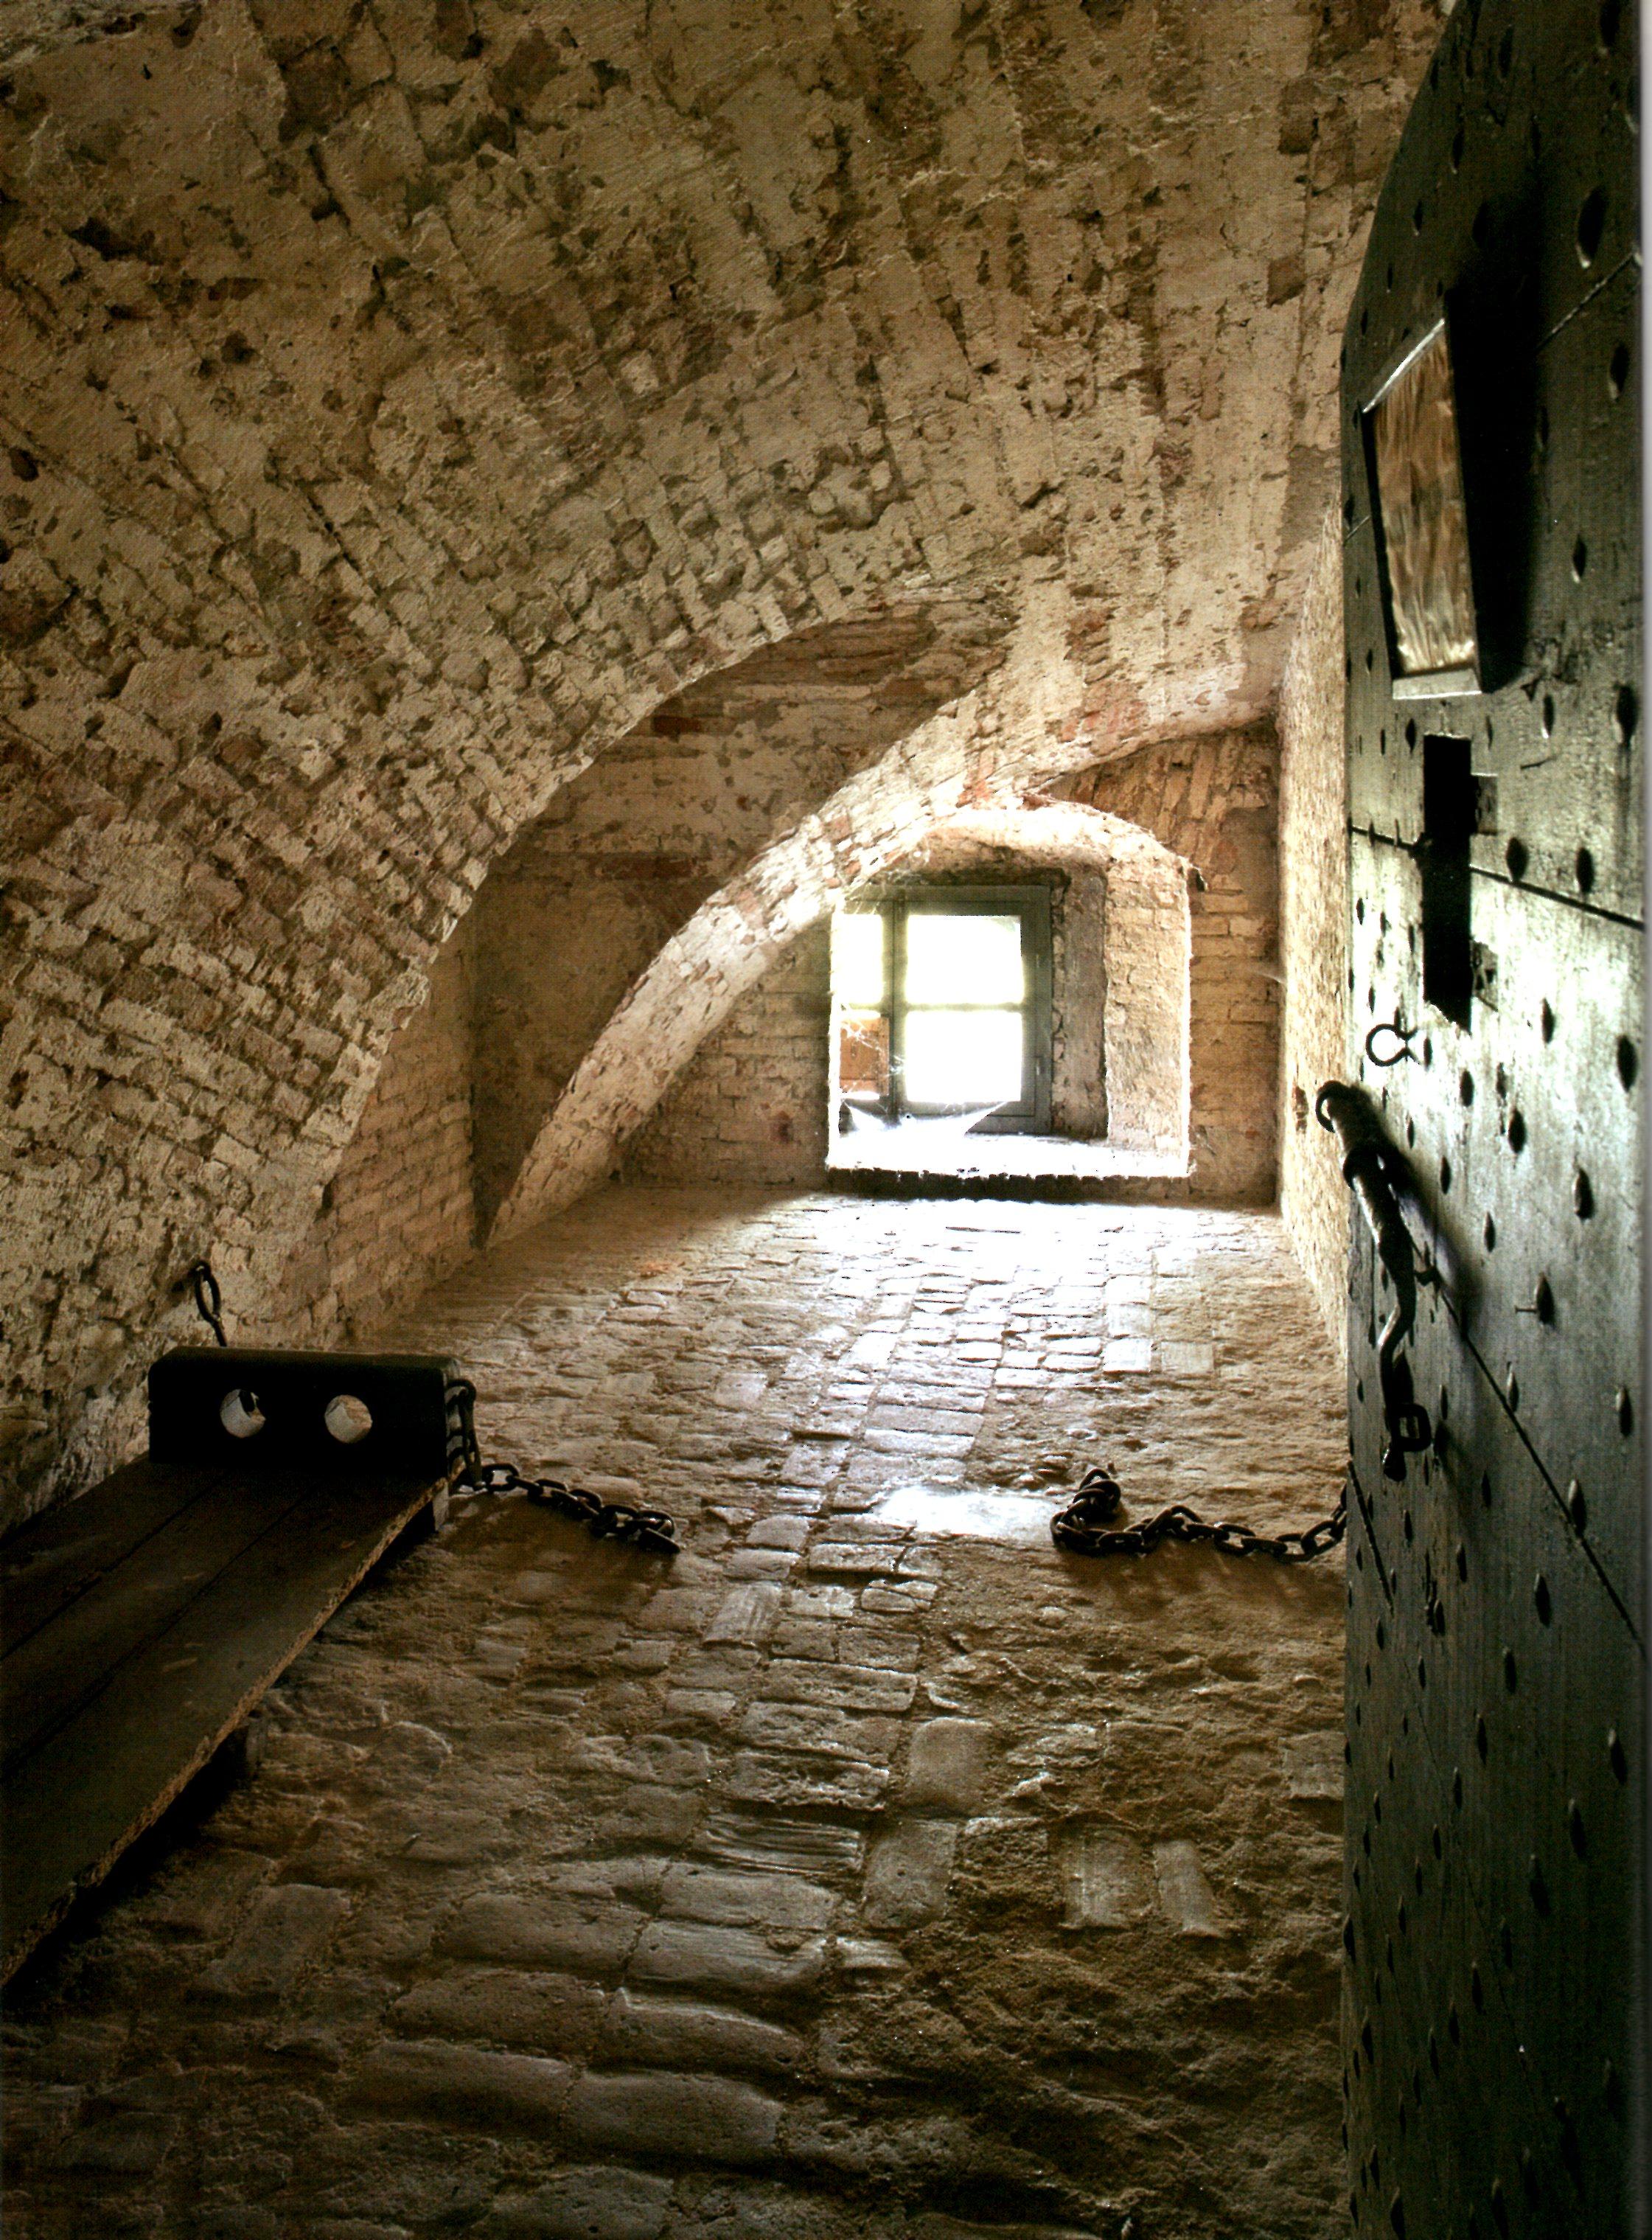 La cella nella Cittadella di Alessandria dove fu rinchiuso Andrea Vochieri.